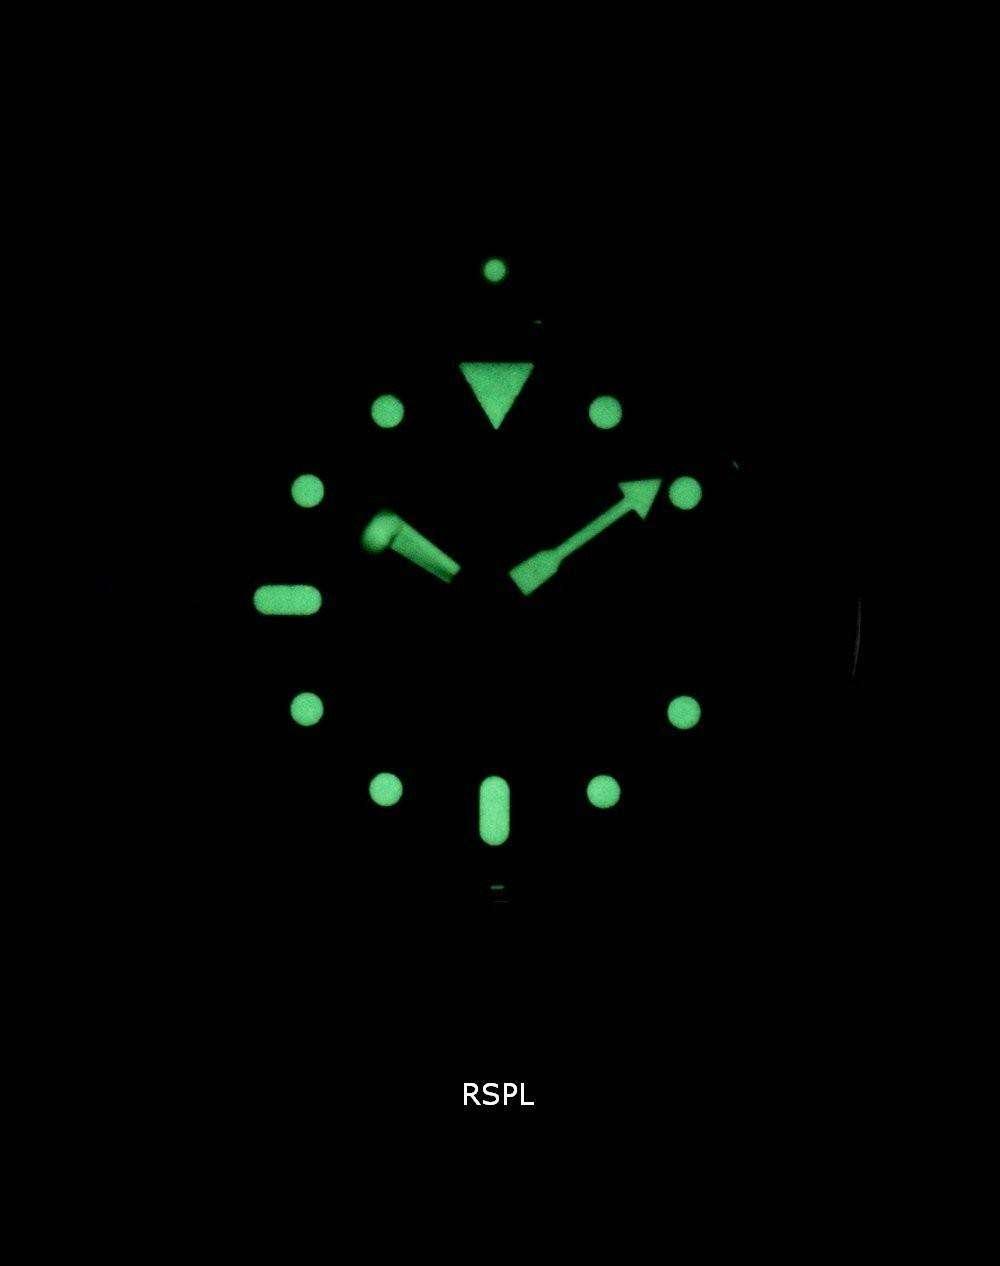 Seiko Automatic Diver's Ratio Black Leather SKX009J1-LS10 200M Men's Watch